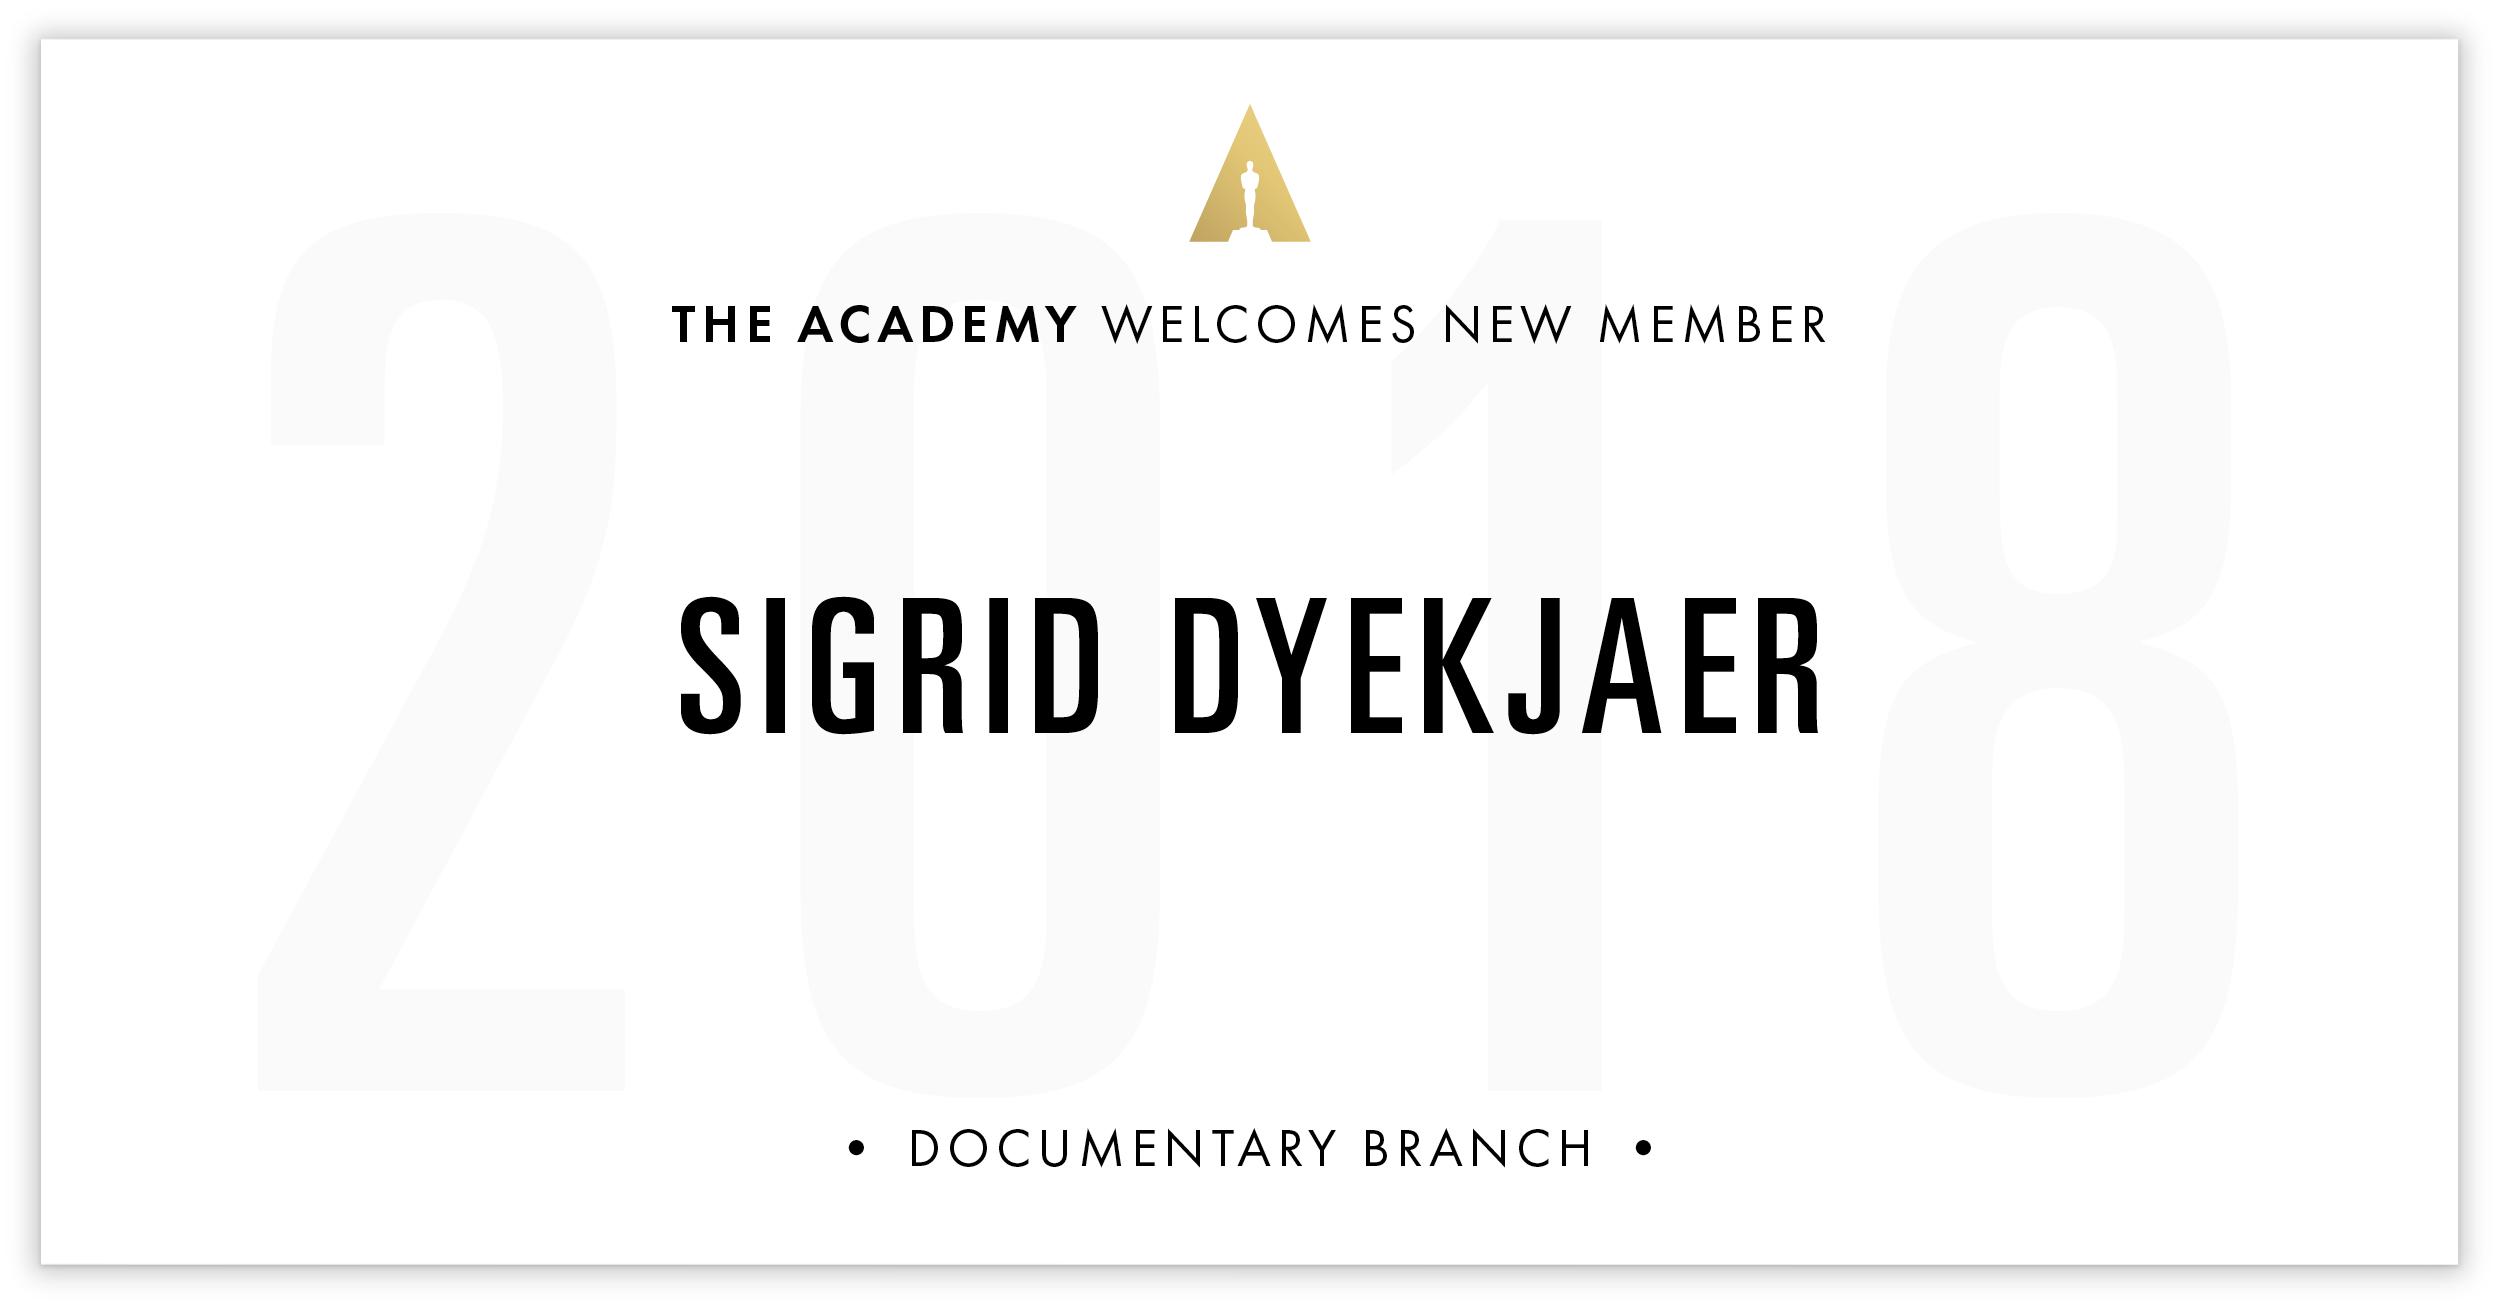 Sigrid Dyekjaer is invited!